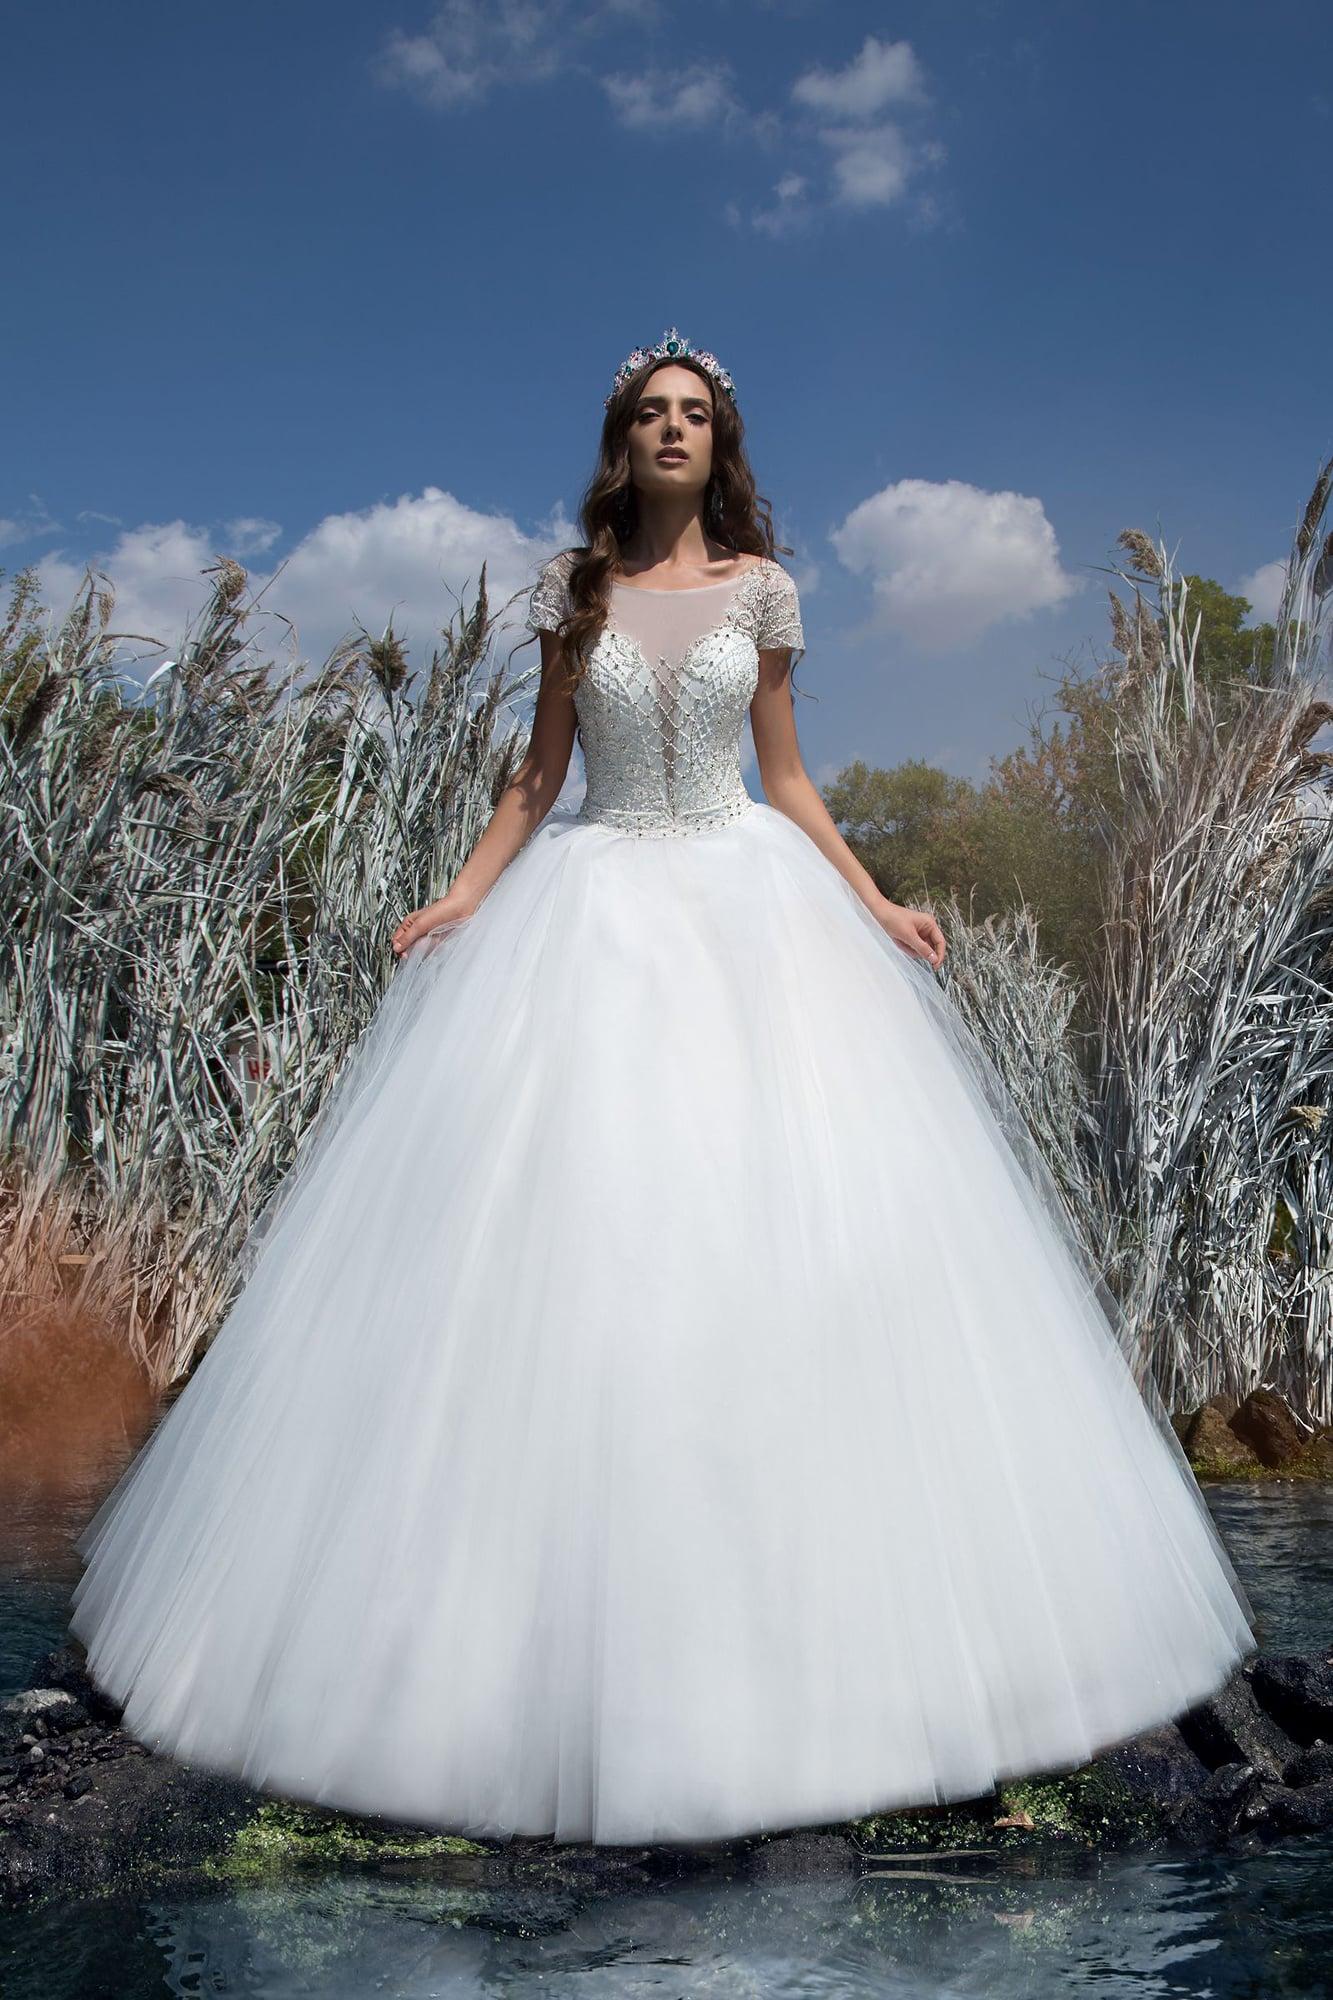 Роскошное свадебное платье пышного кроя с коротким рукавом и графичной вышивкой на корсете.